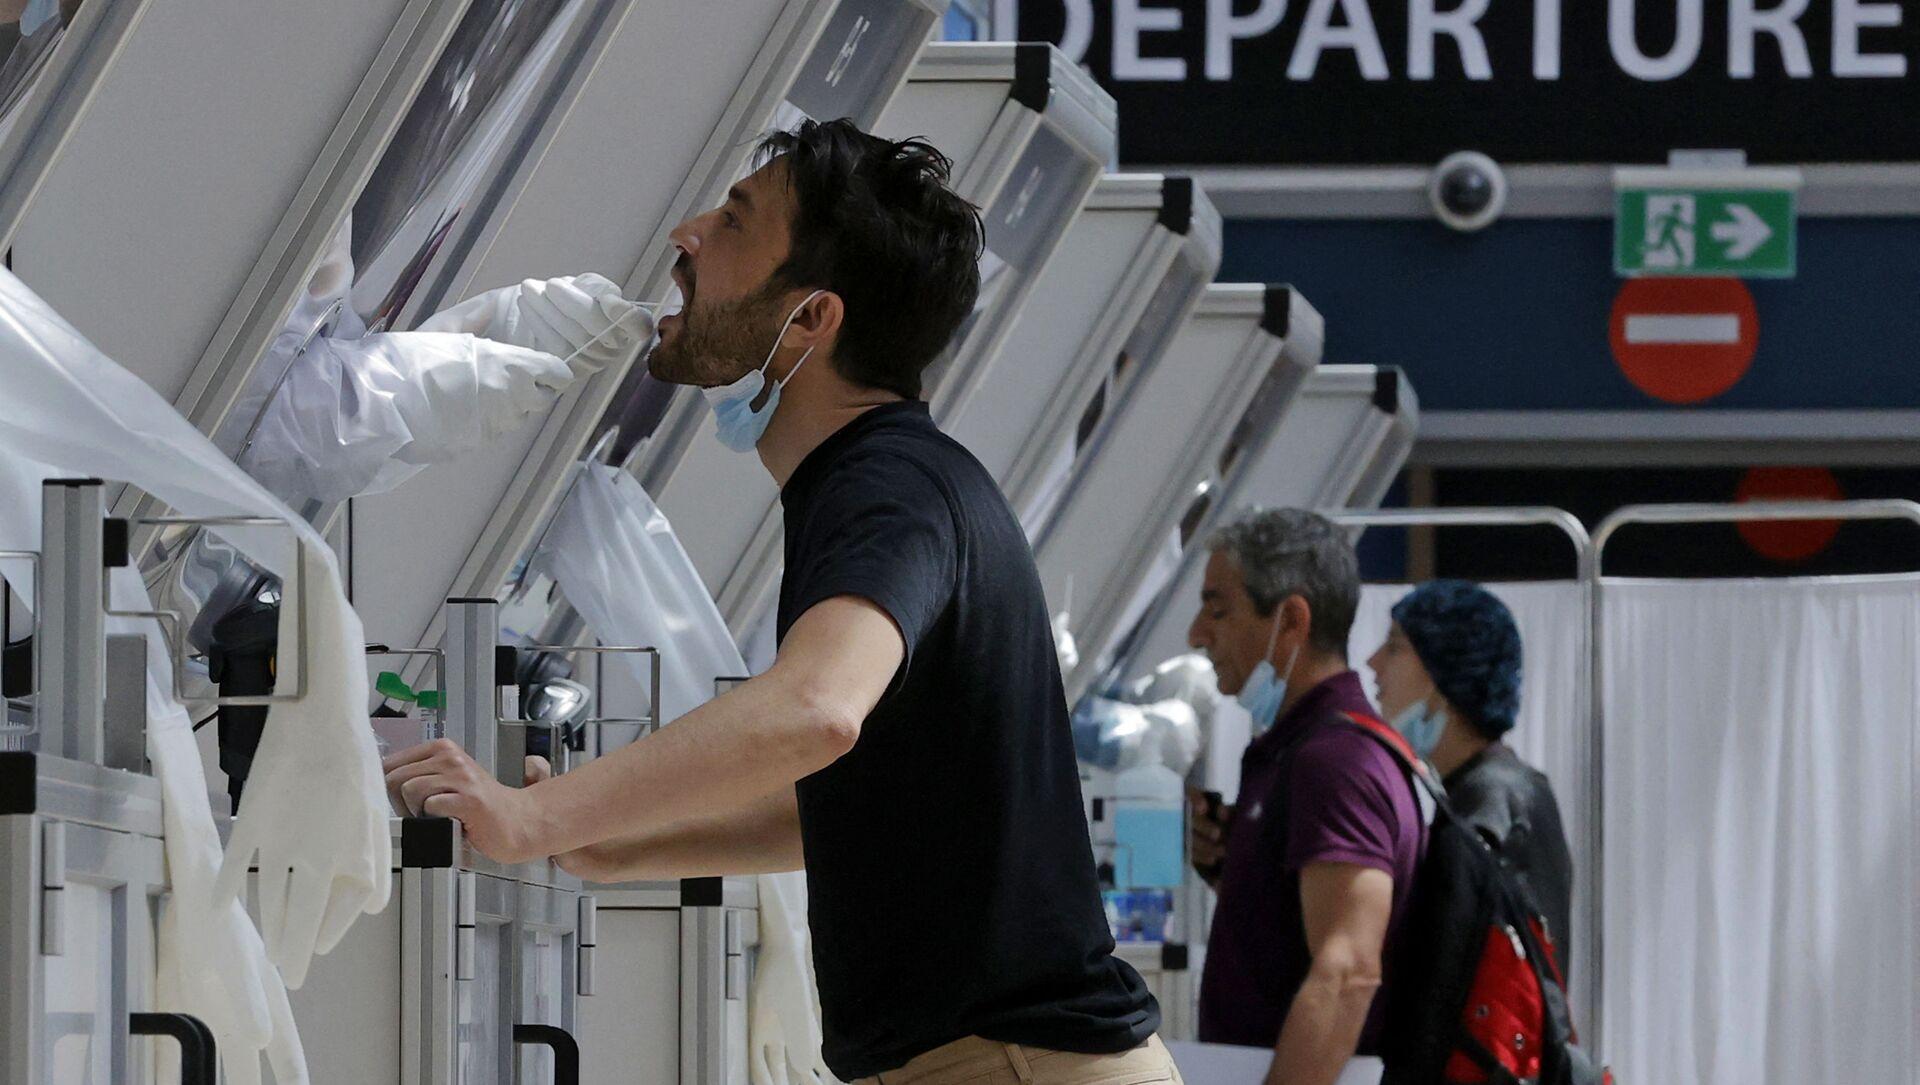 Медик берет мазок у путешественника в будке для экспресс-тестирования COVID-19 в израильском аэропорту Бен-Гурион - Sputnik Беларусь, 1920, 08.04.2021